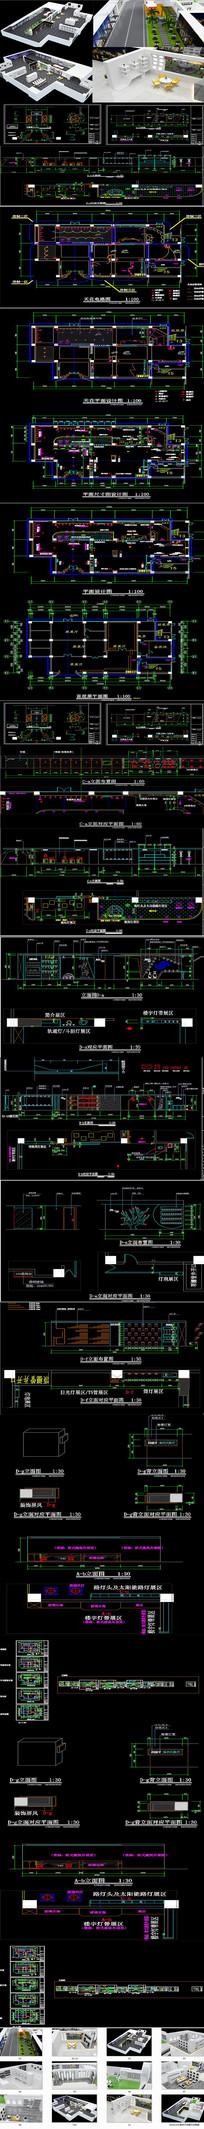 灯具展厅CAD施工图 效果图